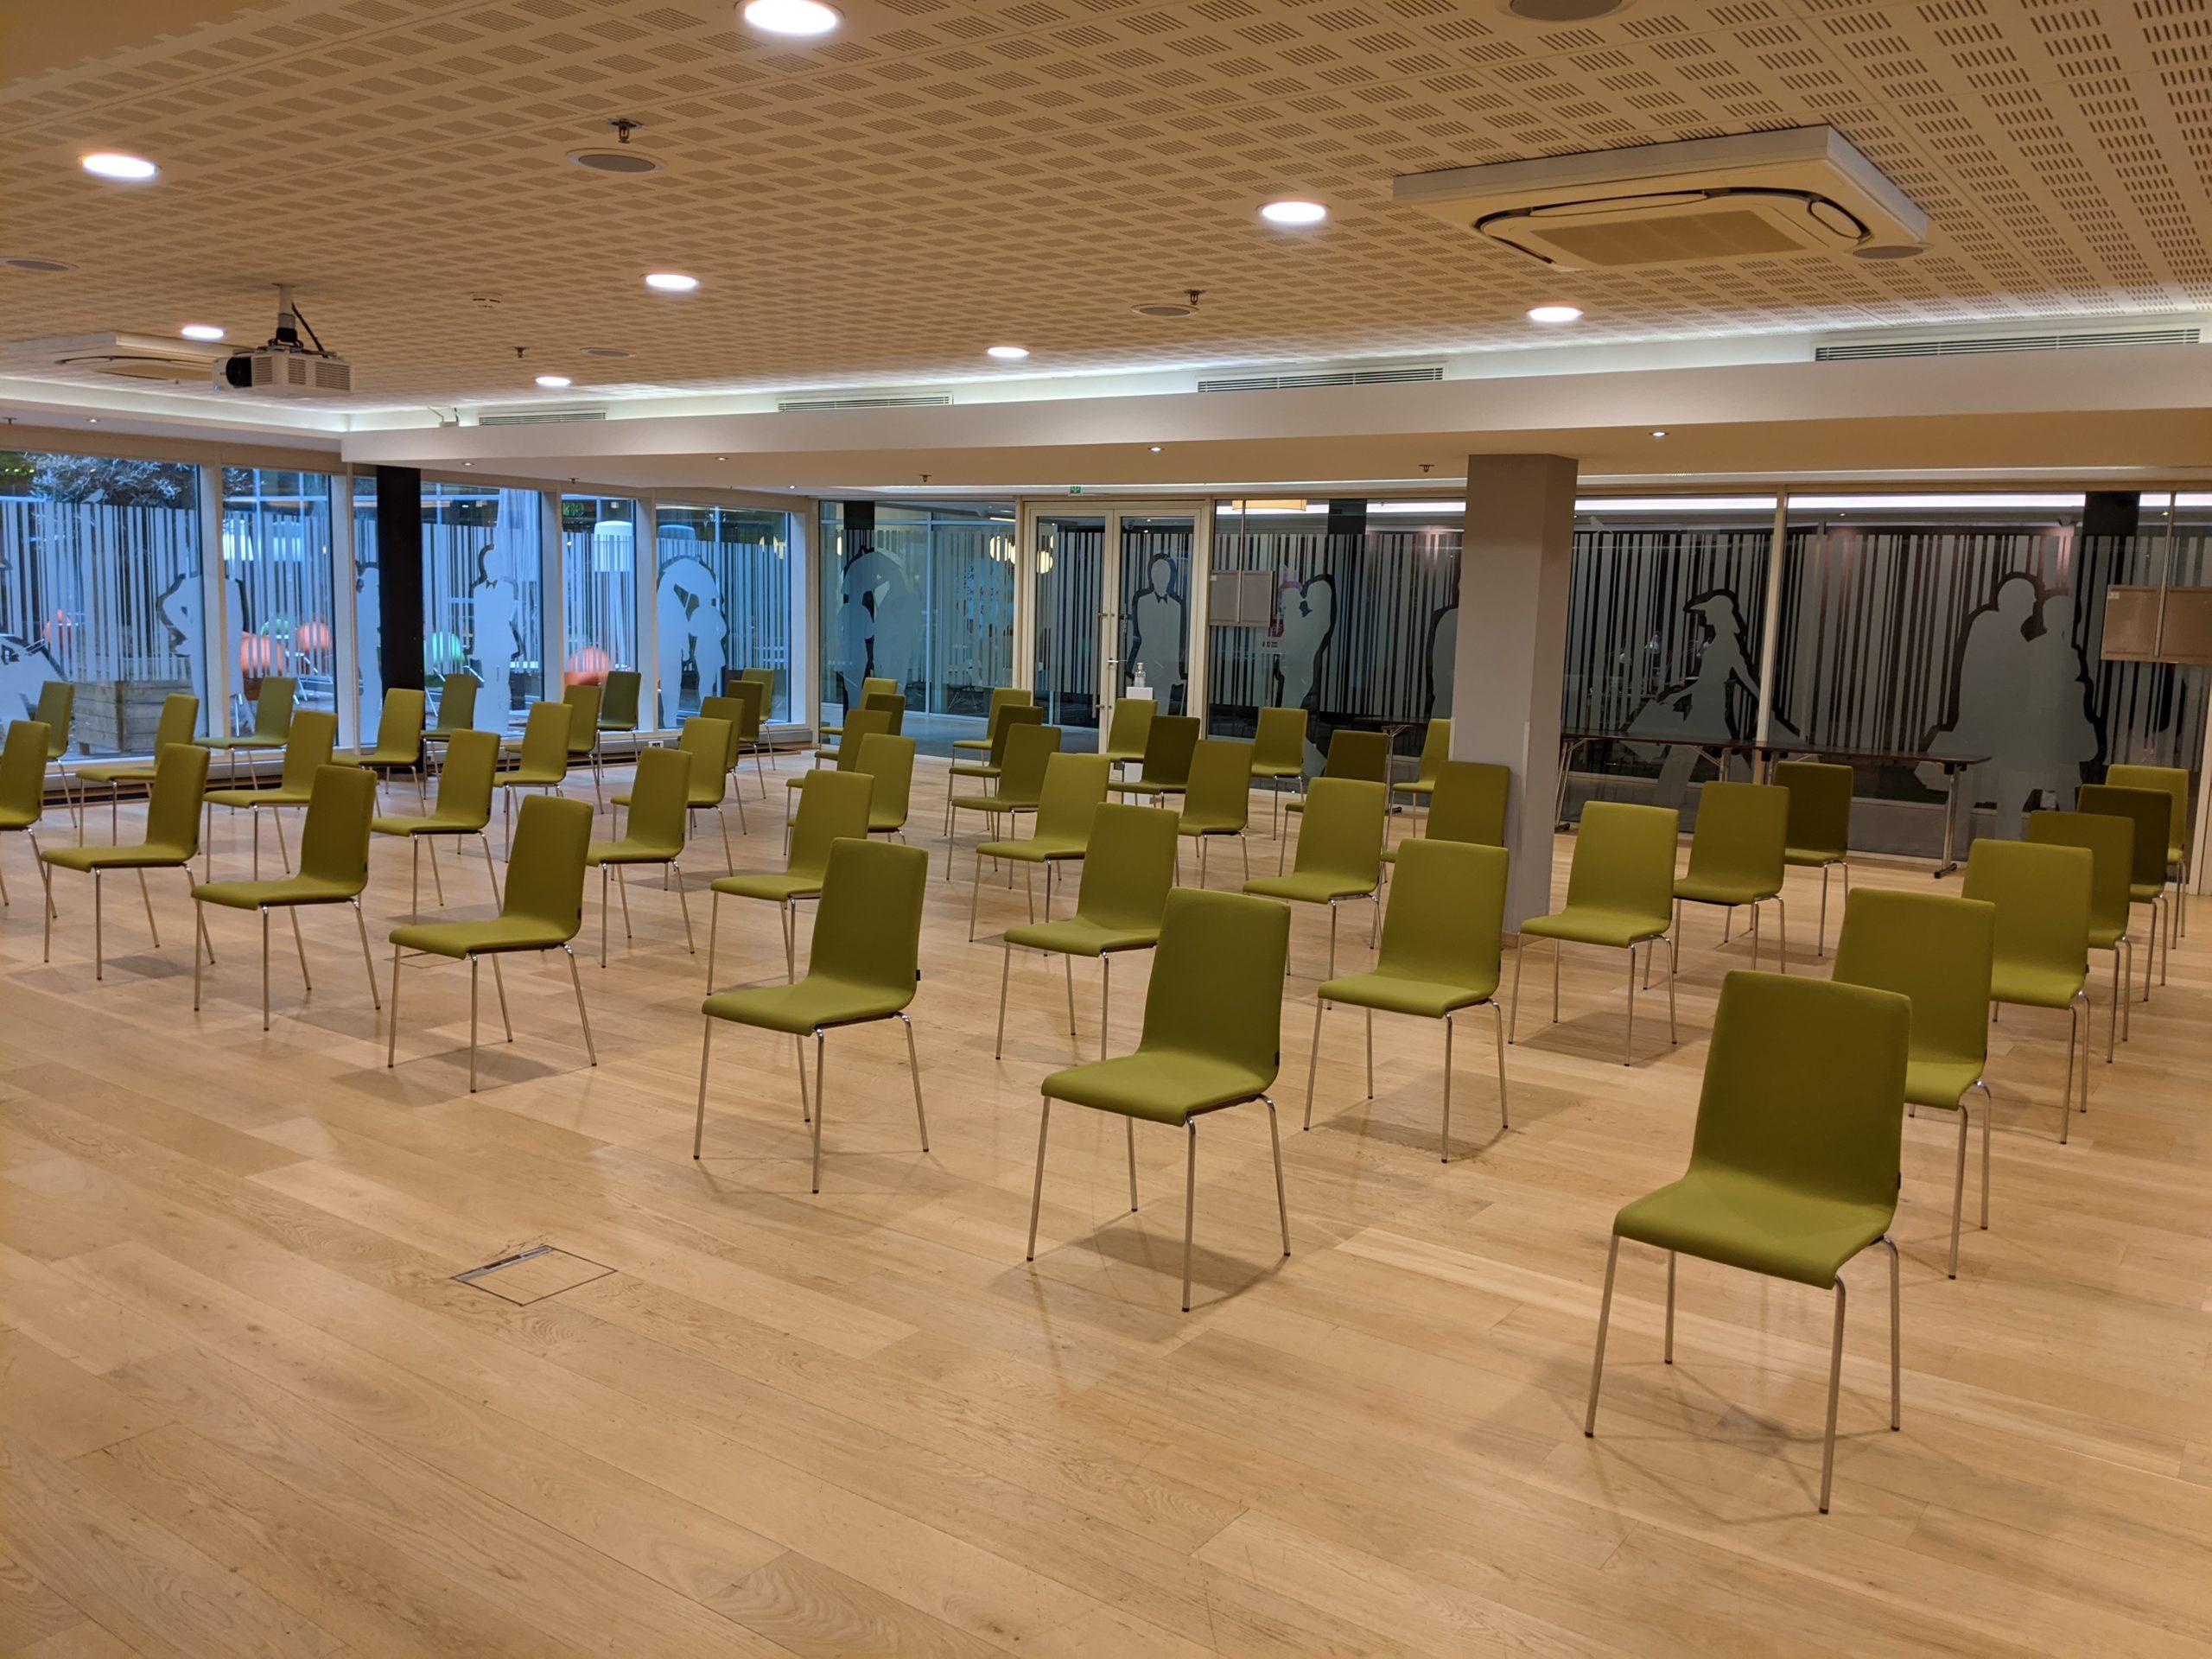 salle de réunions avec chaises vides